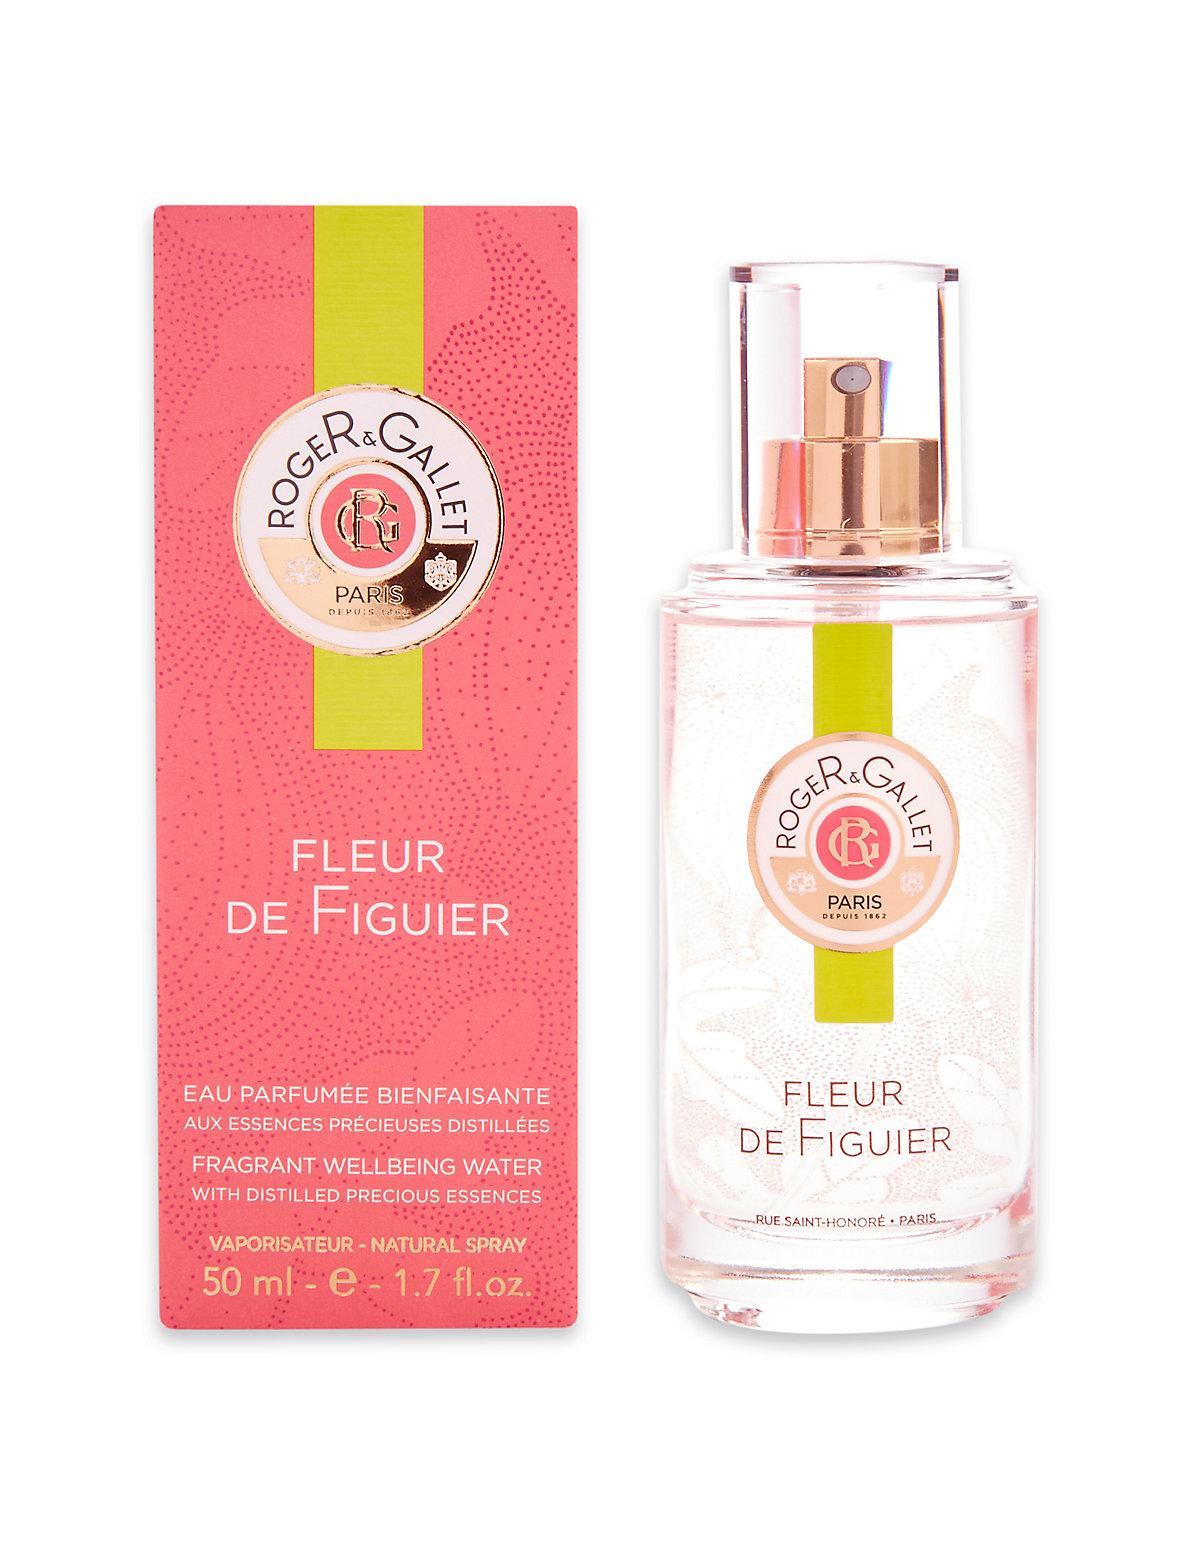 Roger&Gallet Fleur de Figuier Eau de Toilette 50ml